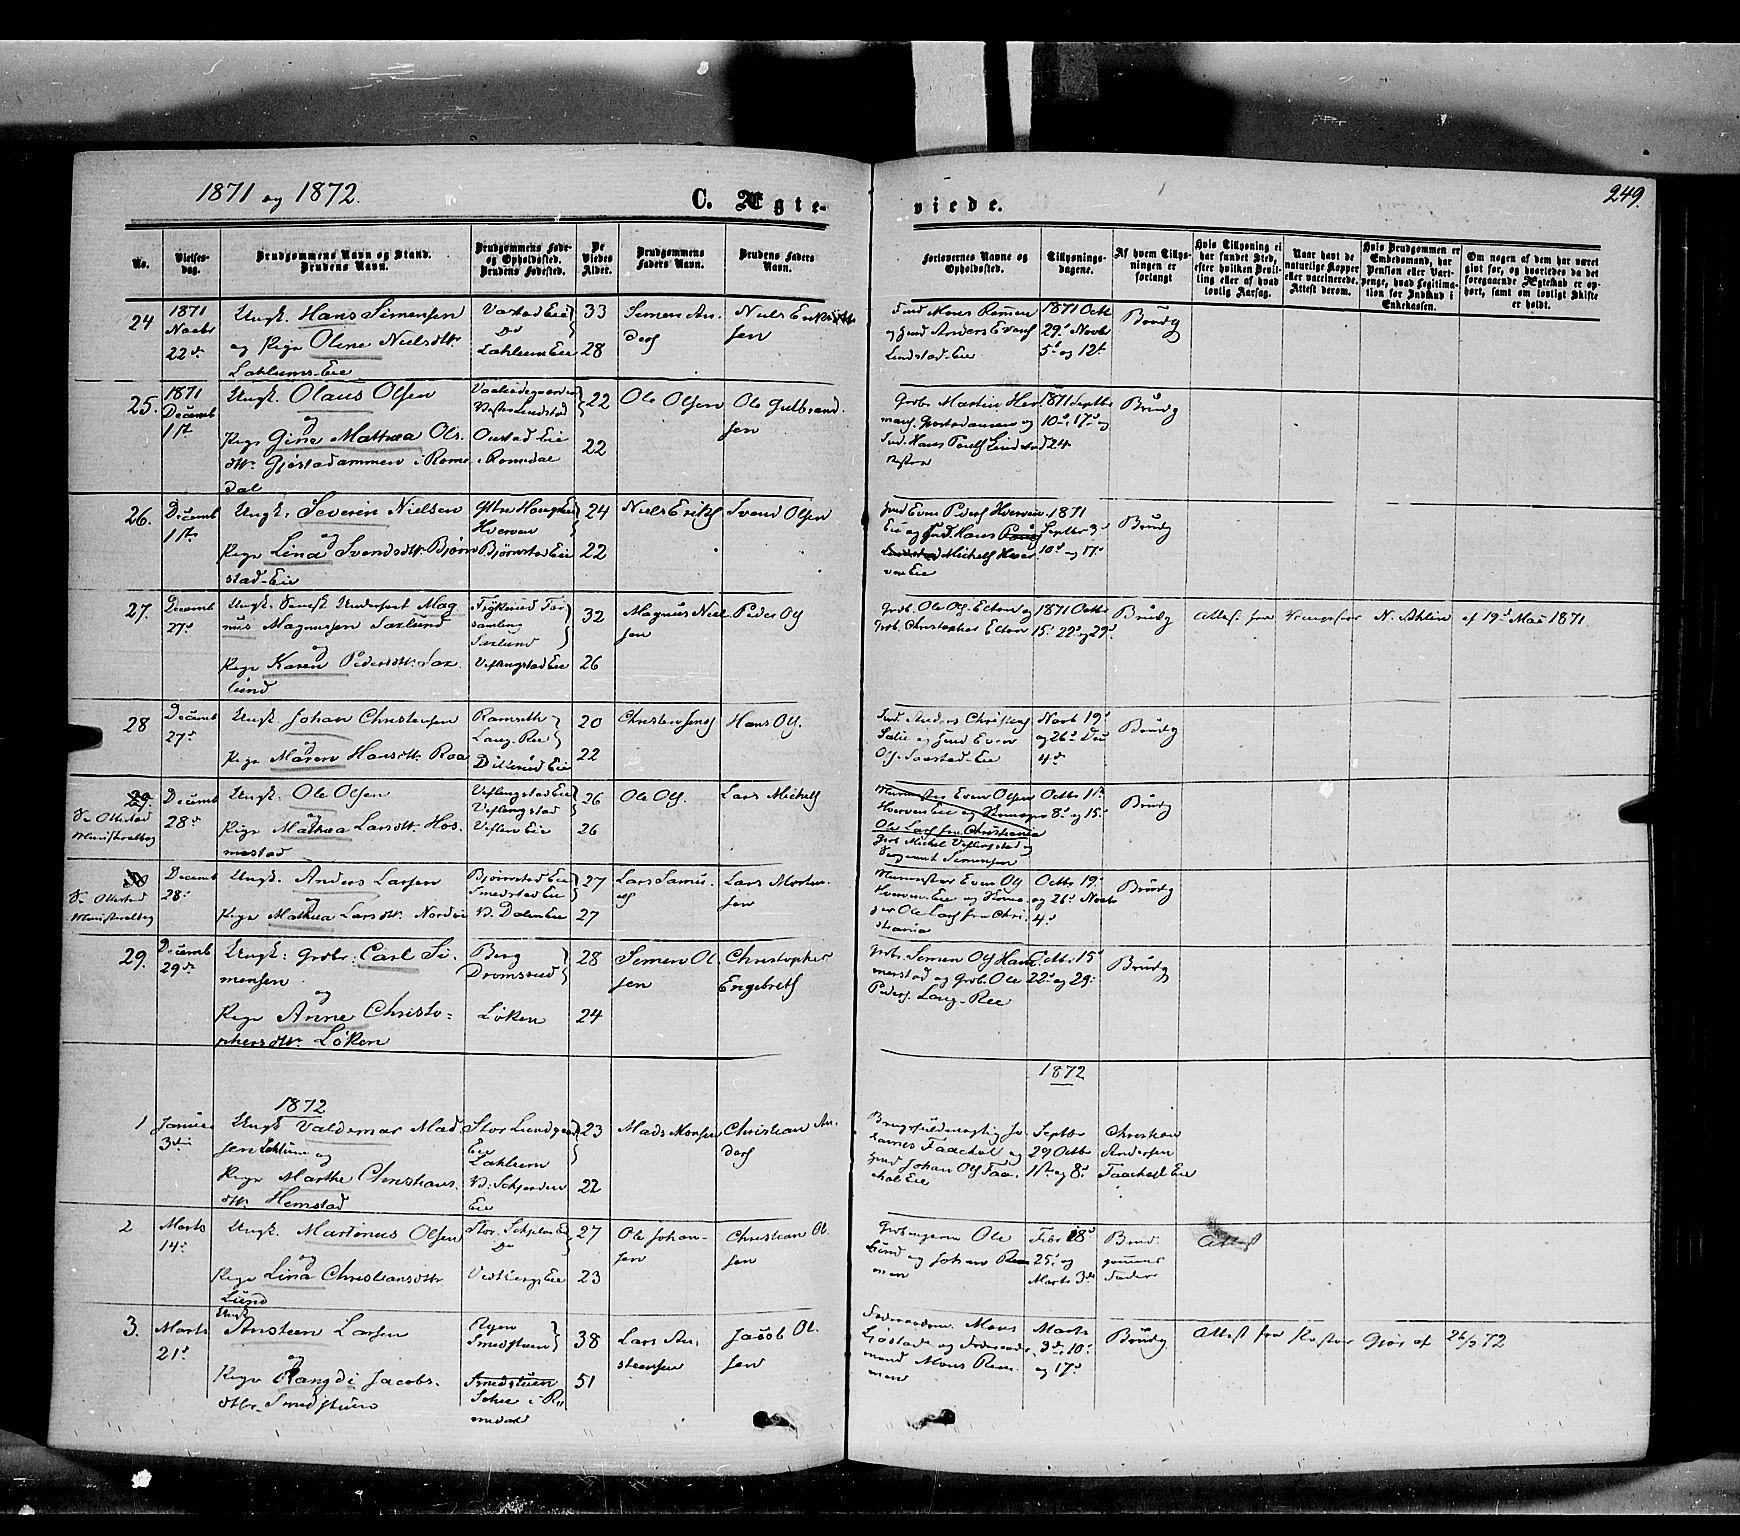 SAH, Stange prestekontor, K/L0013: Parish register (official) no. 13, 1862-1879, p. 249